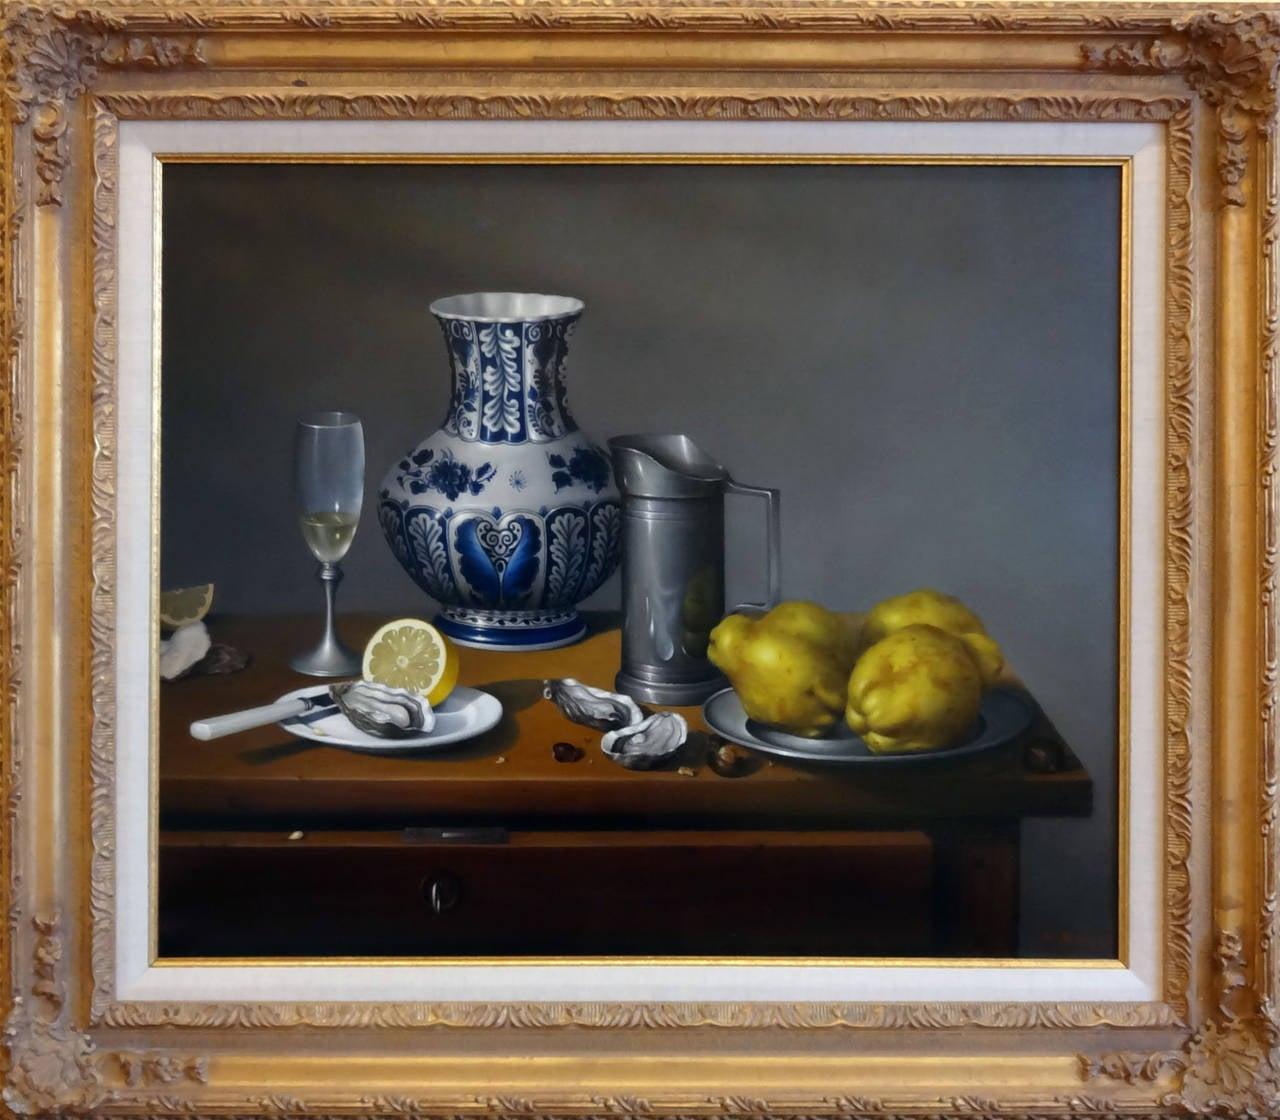 Huîtres, Coings et Pot Delft - Painting by Jean-Yves Boissé